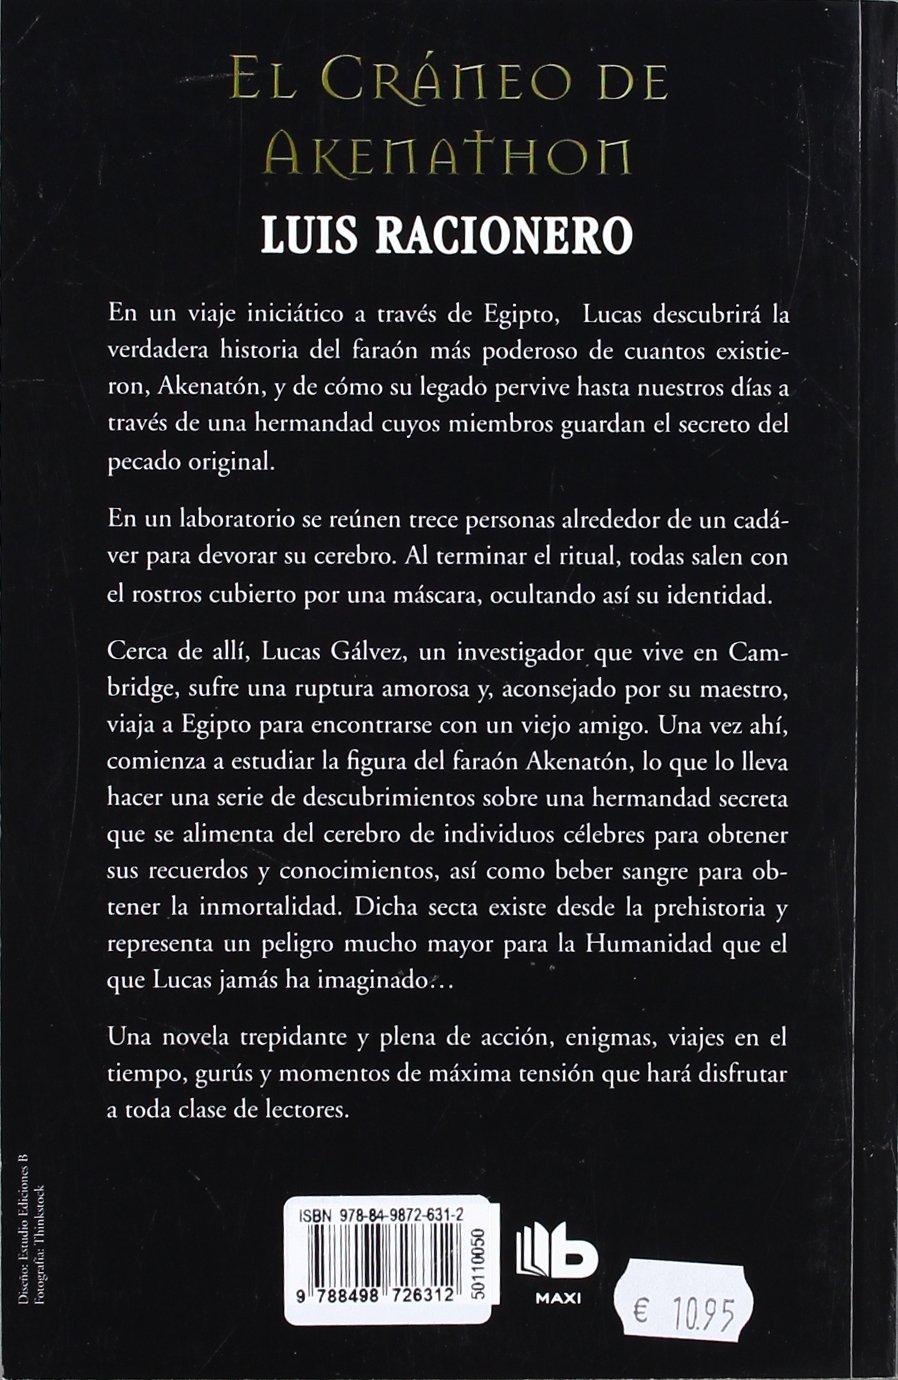 CRANEO DE AKHENATON, EL: LUIS RACIONERO: 9788498726312: Amazon.com: Books